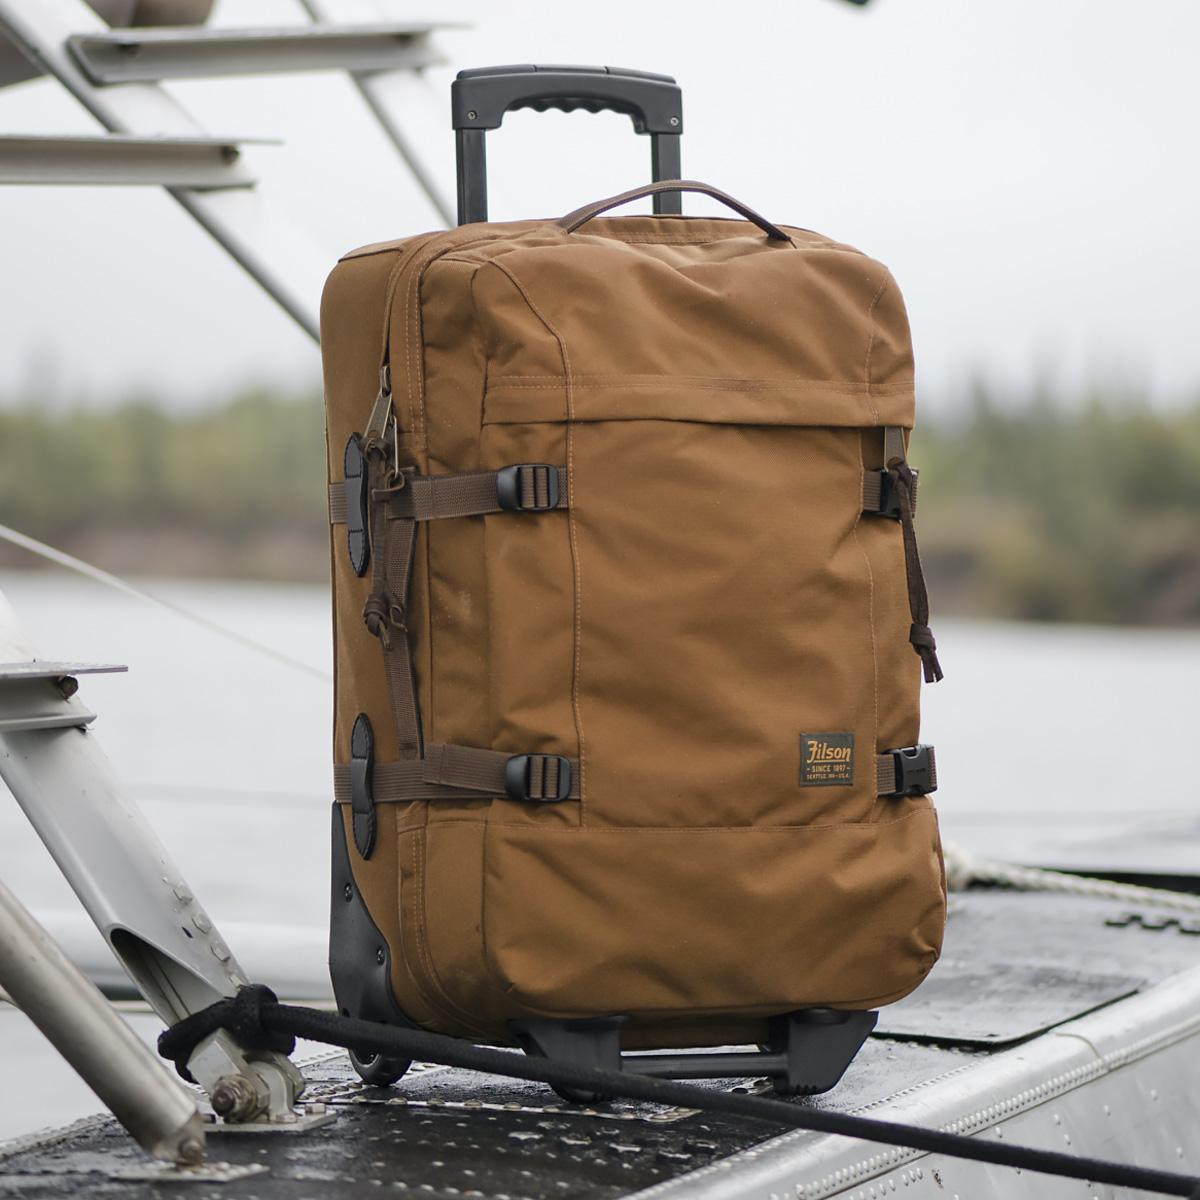 Filson Dryden Dryden 2-Wheel Rolling Carry-On Bag 20047728-Whiskey, Koffer hergestellt aus reißfestem ballistischem Nylon für jahrelanges, zuverlässiges Reisen